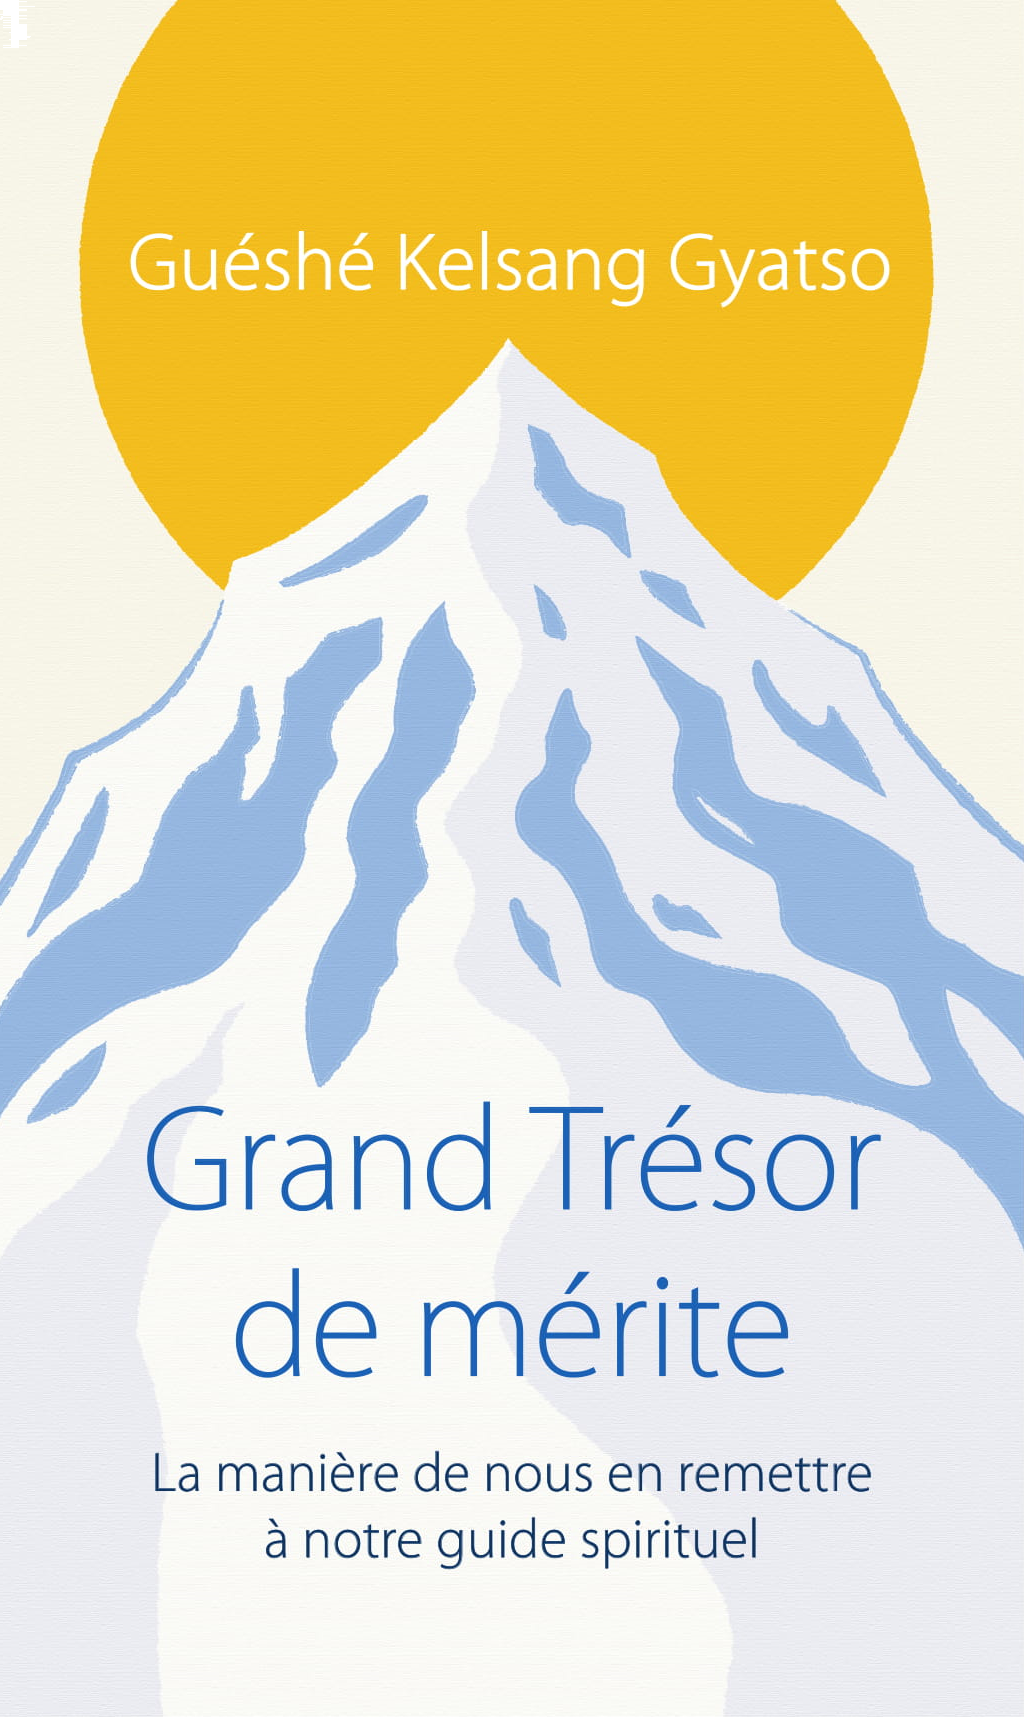 Grand Trésor de Mérite